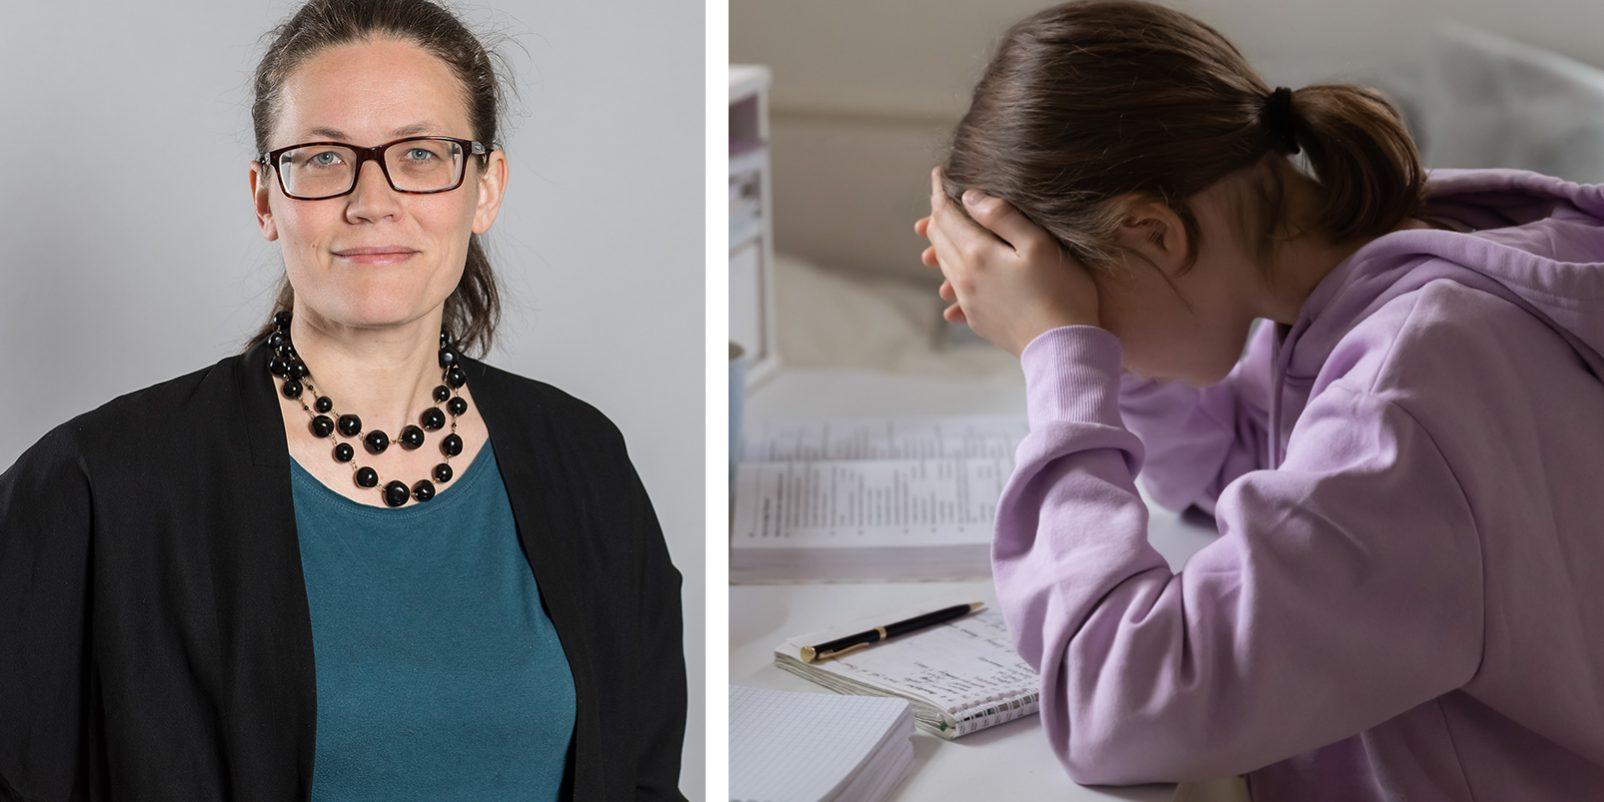 nna Castberg, enhetschef för utredningsenheten på Skolverket och elev som studerar hemifrån.